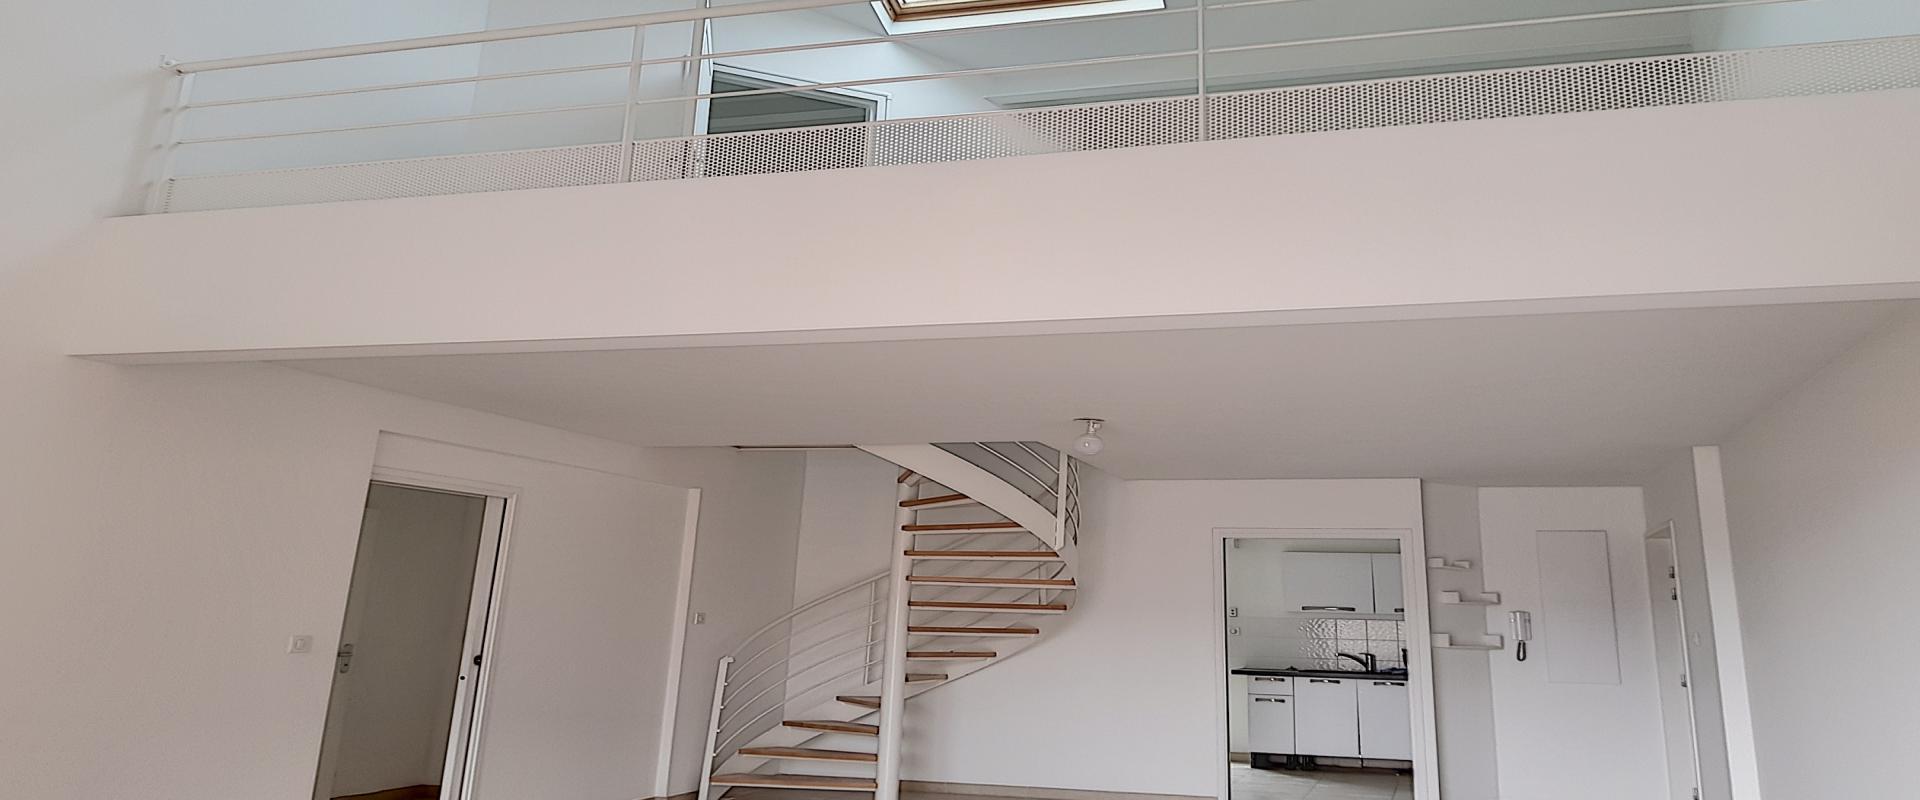 A vendre T5 duplex Espace séjour